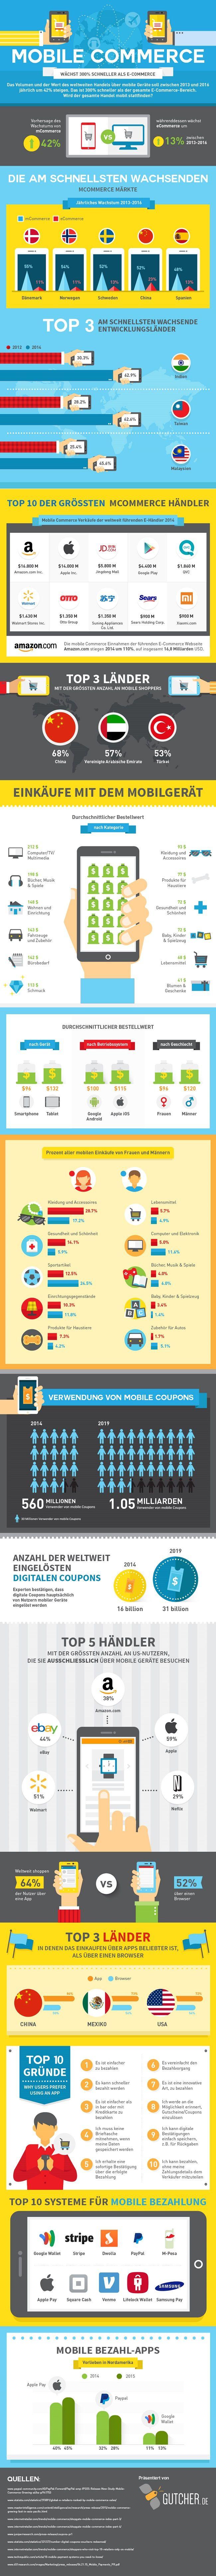 #Mobile #Commerce #Dänemark #Norwegen #Schweden #China #Spanien #Amazon #Apple #Otto #GooglePlayStore